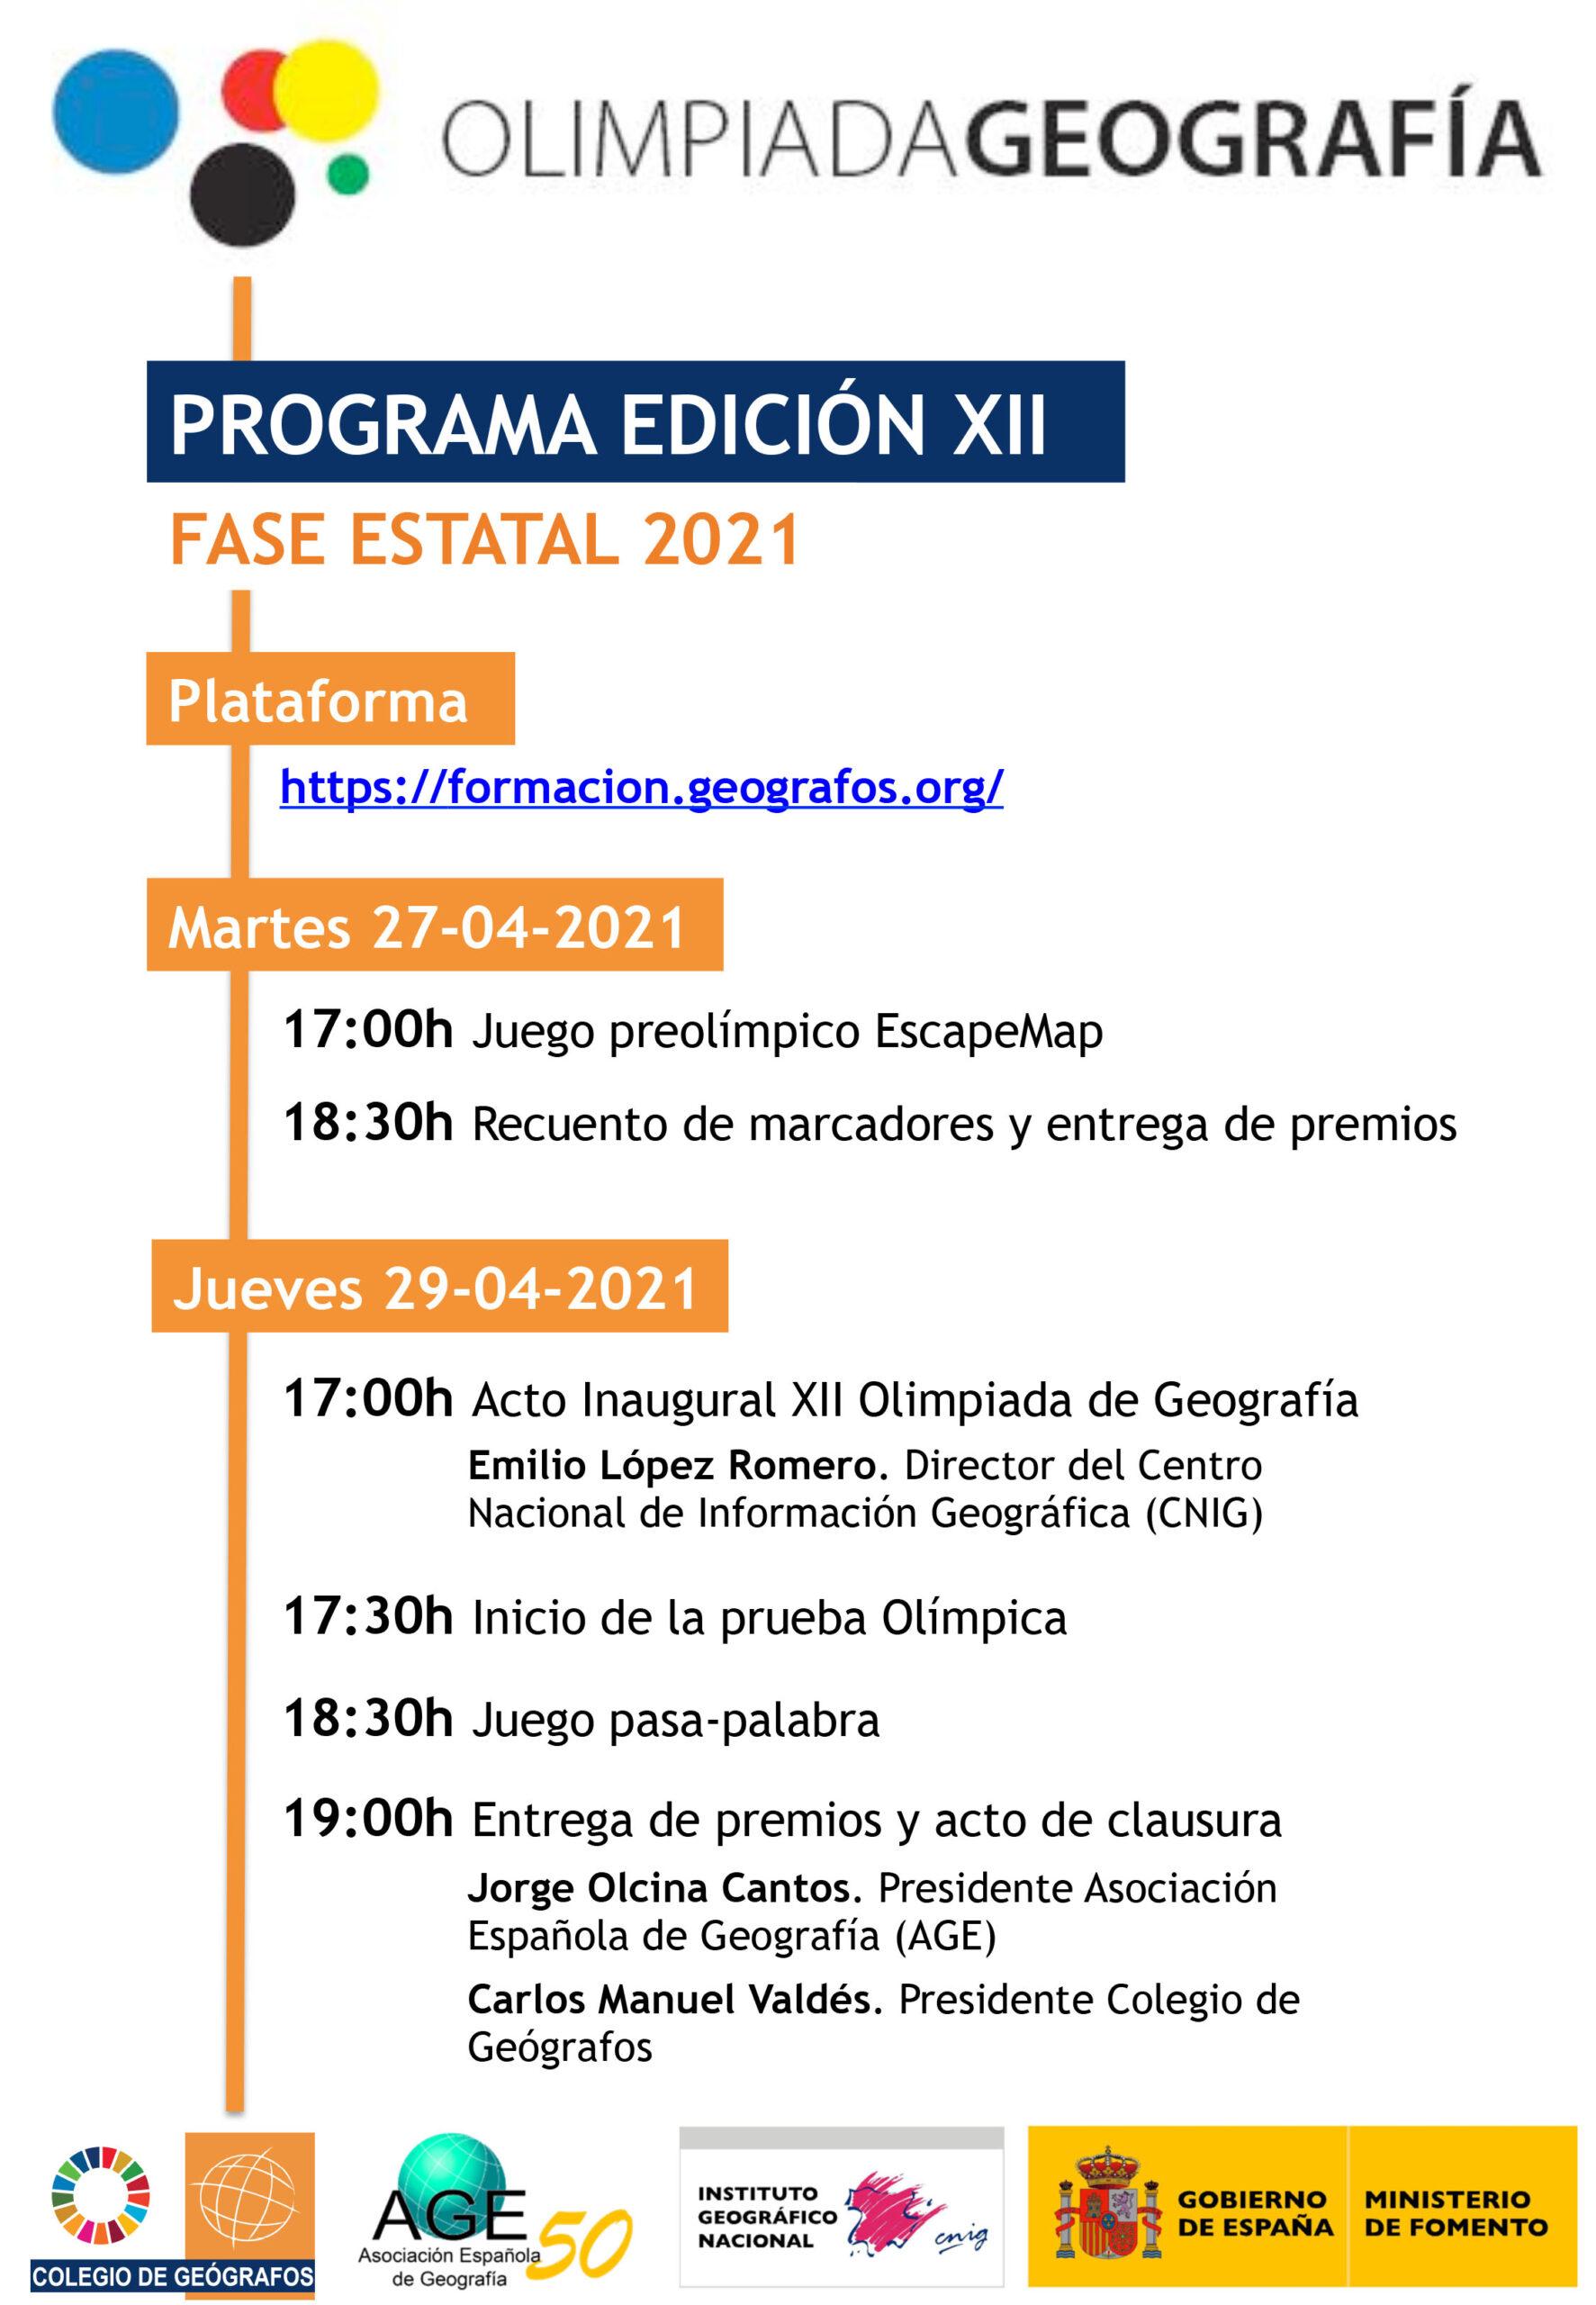 PROGRAMA de la XII Olimpiada de Geografía - FASE ESTATAL 2021